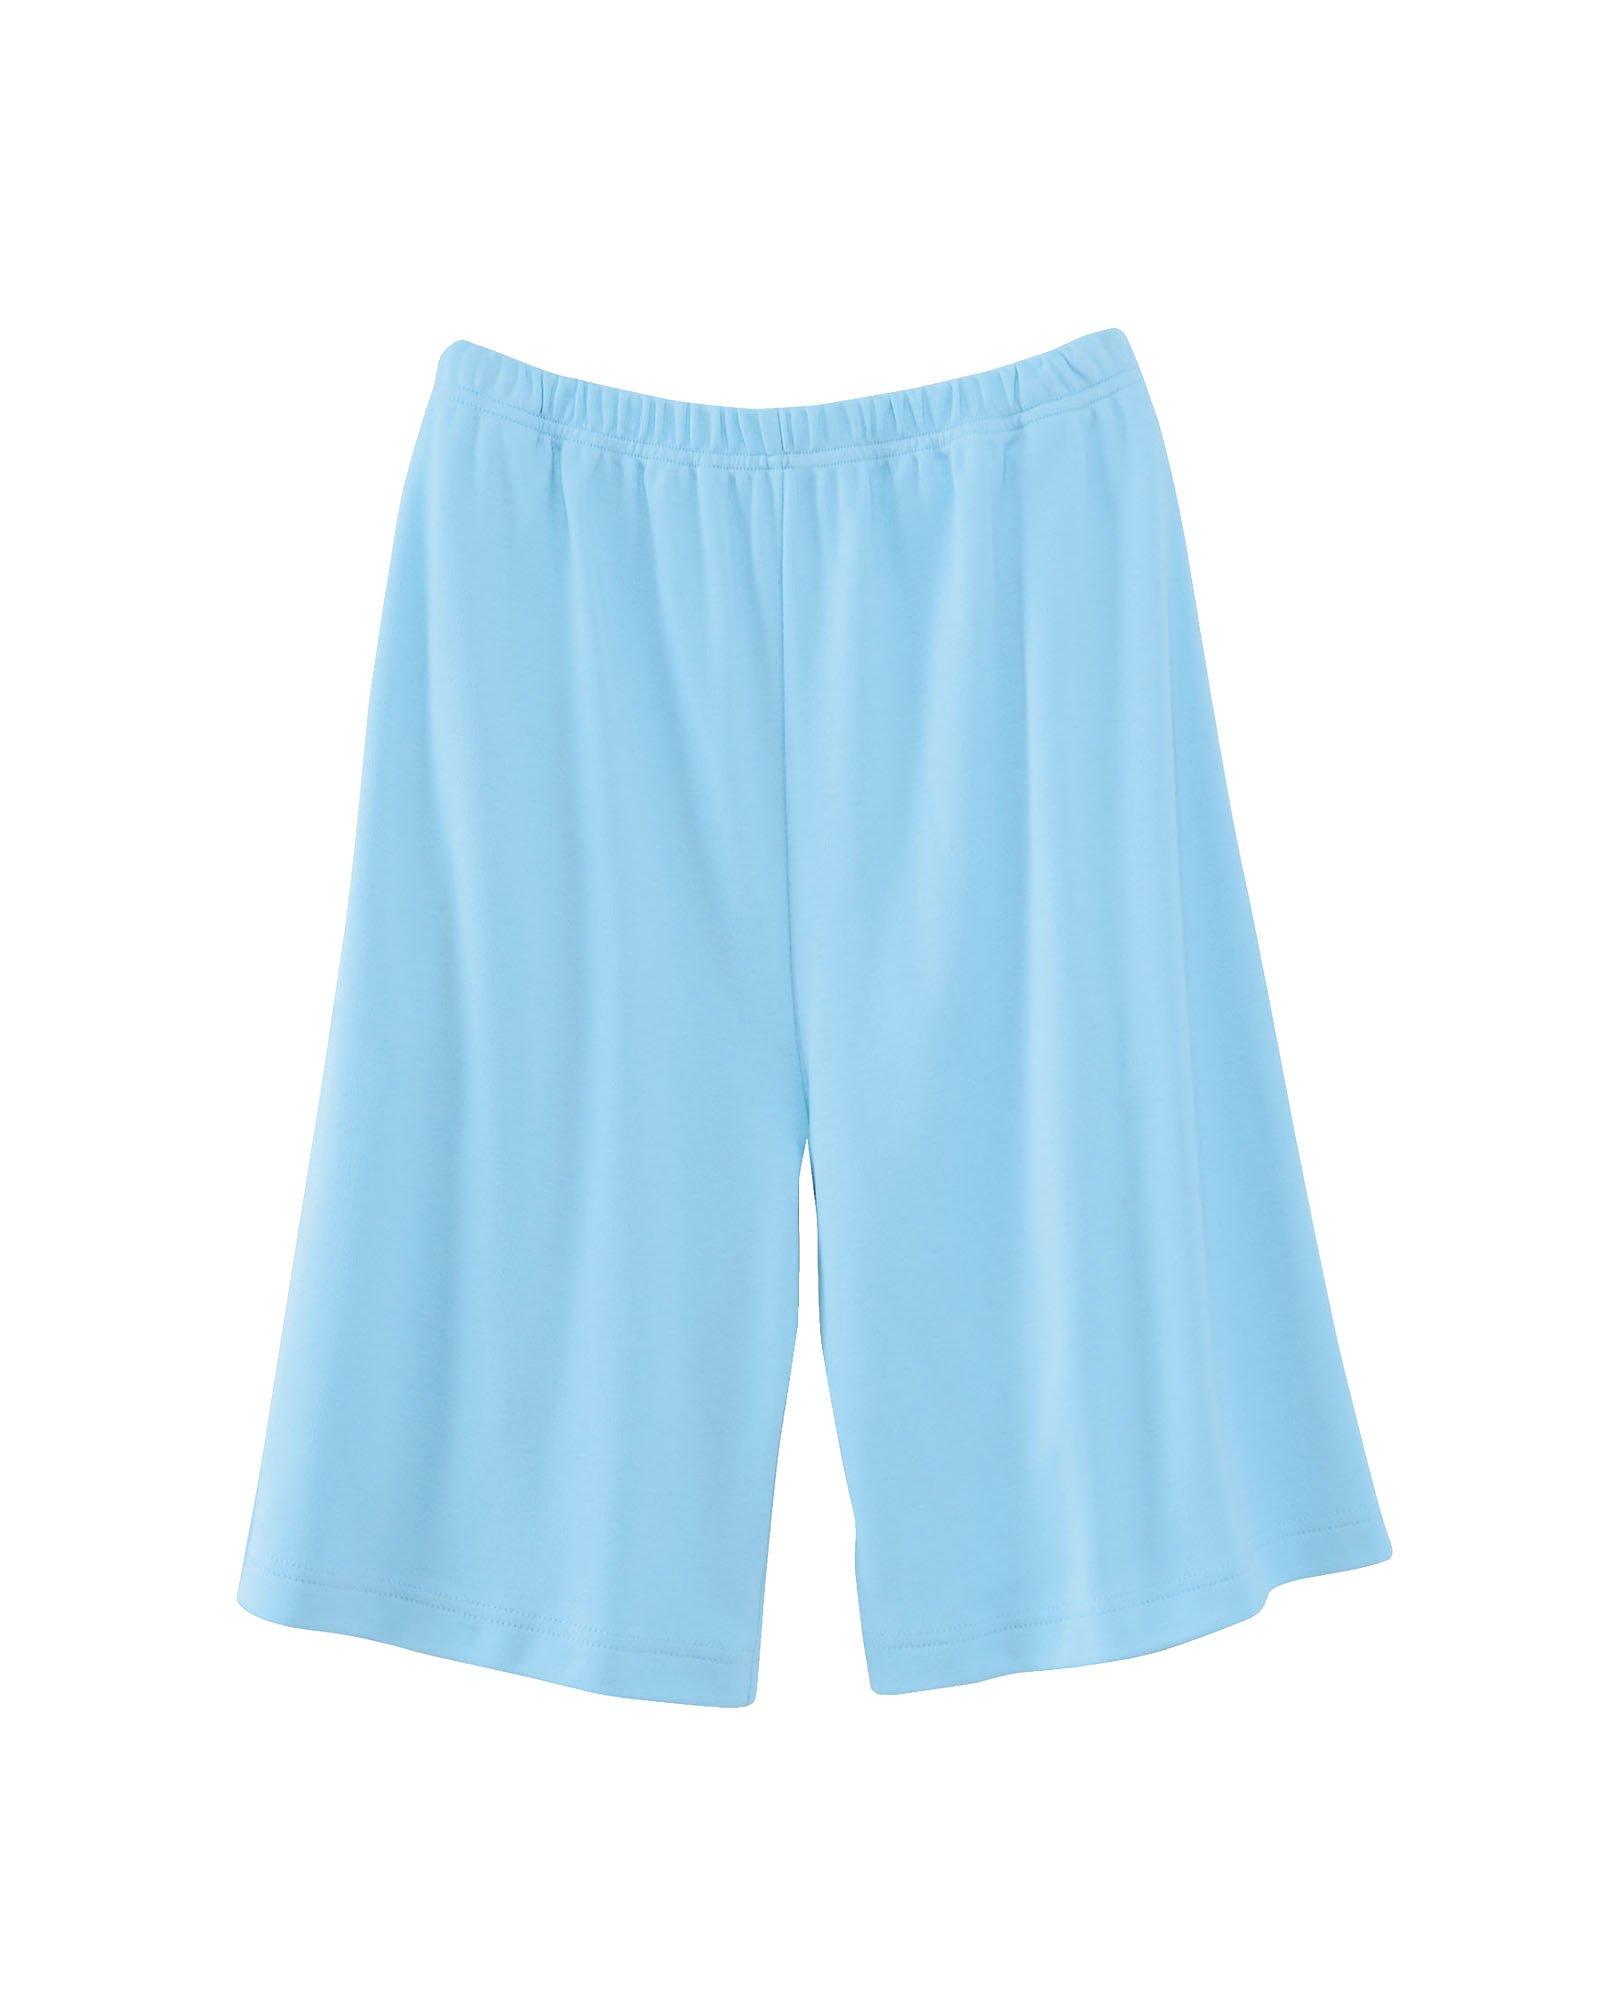 UltraSofts Knit Shorts, Aqua, 3X